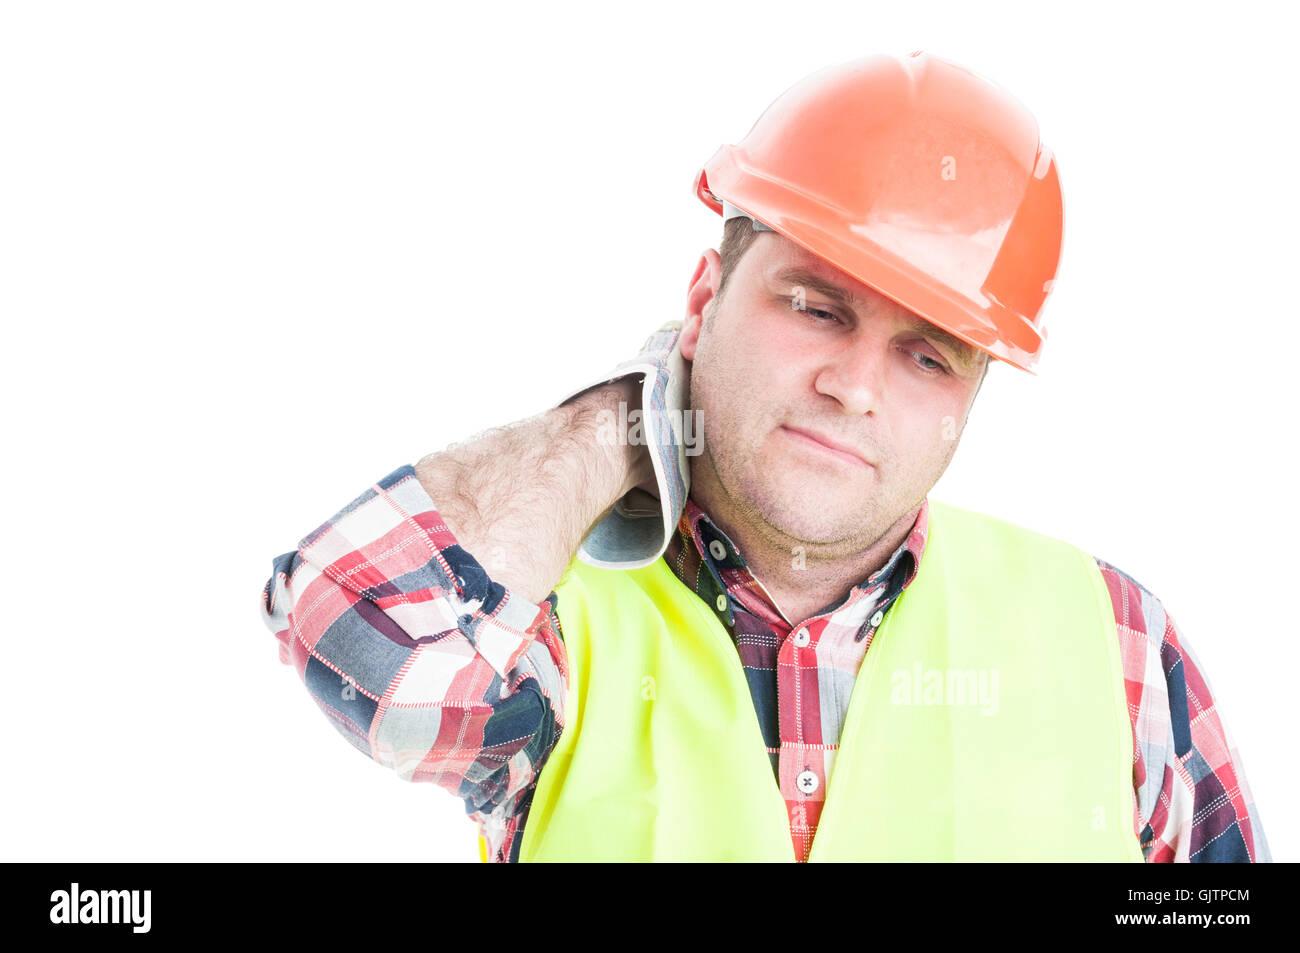 Trabajador de la construcción de aspecto cansado o tenso y tener dolor de cuello aislado sobre fondo blanco Imagen De Stock